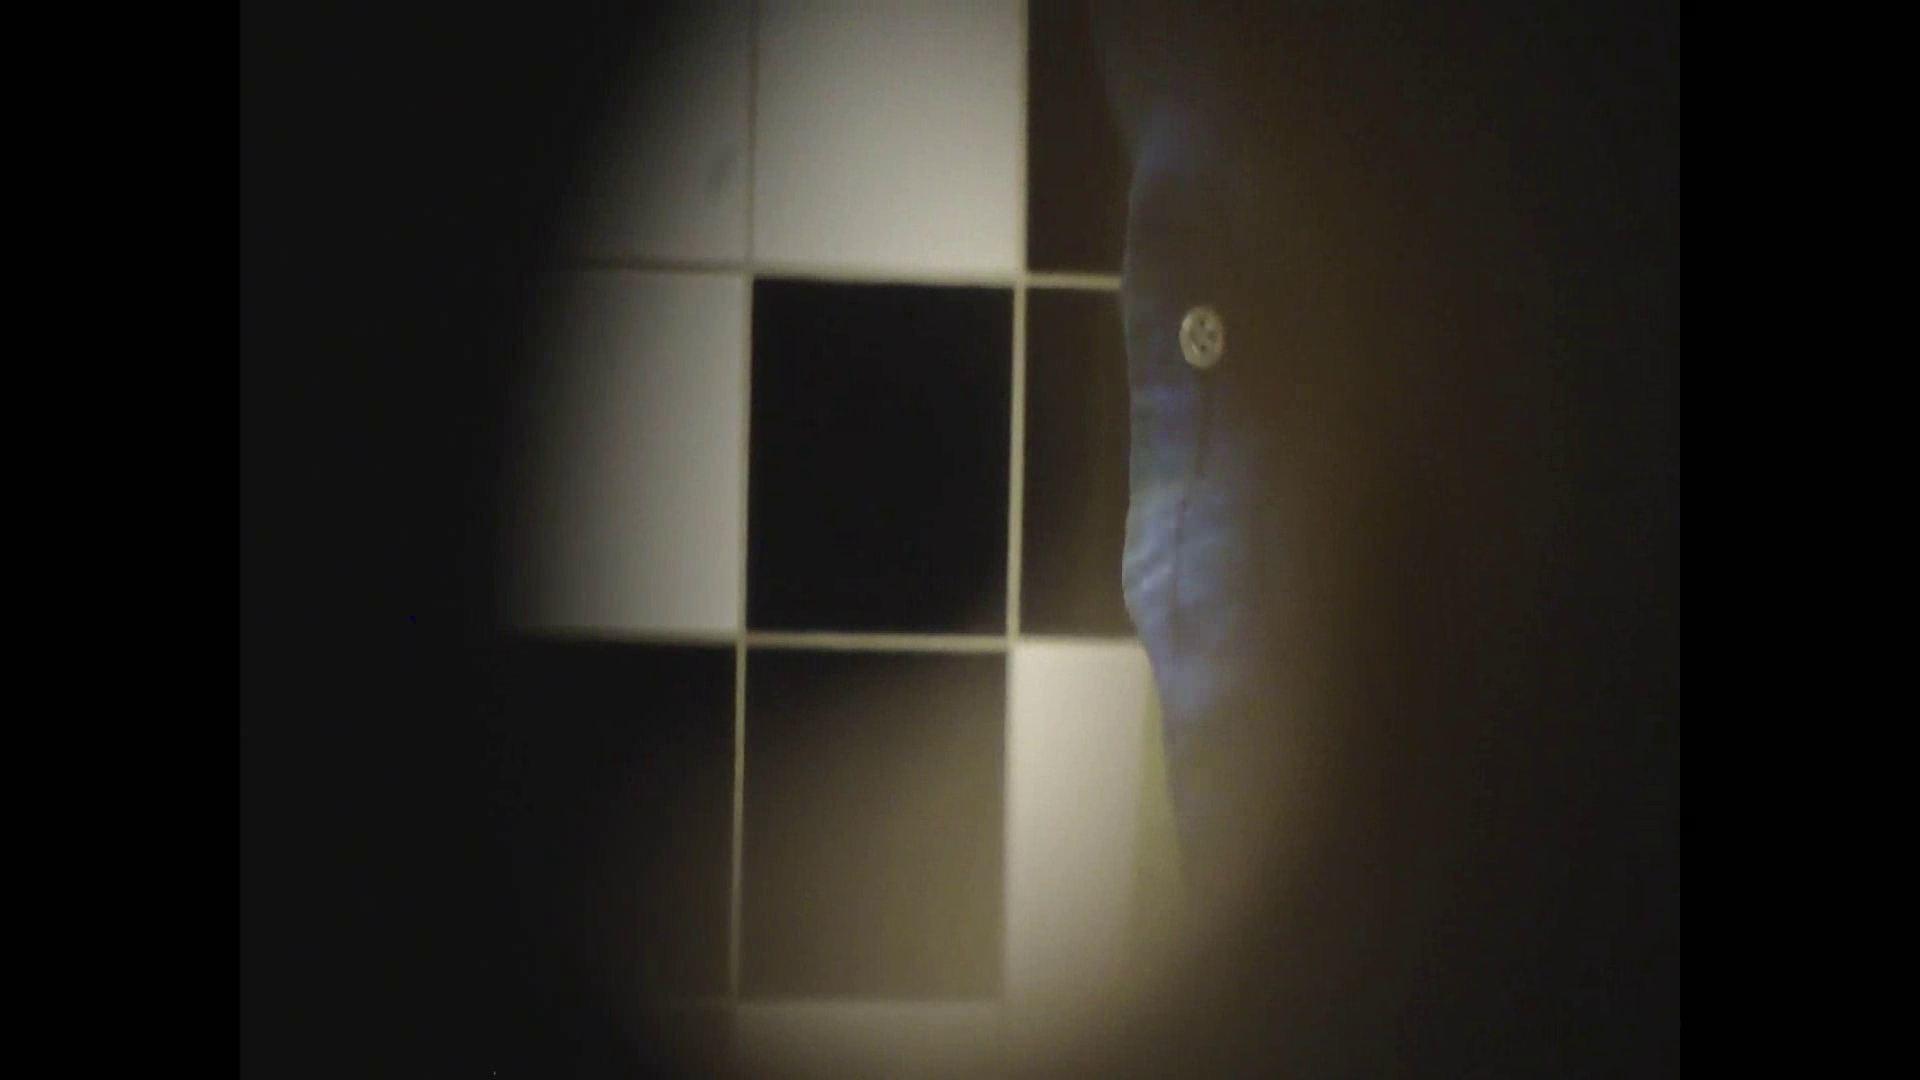 イケメンの素顔in洗面所 Vol.06 イケメンのゲイ達 | 0  109枚 85